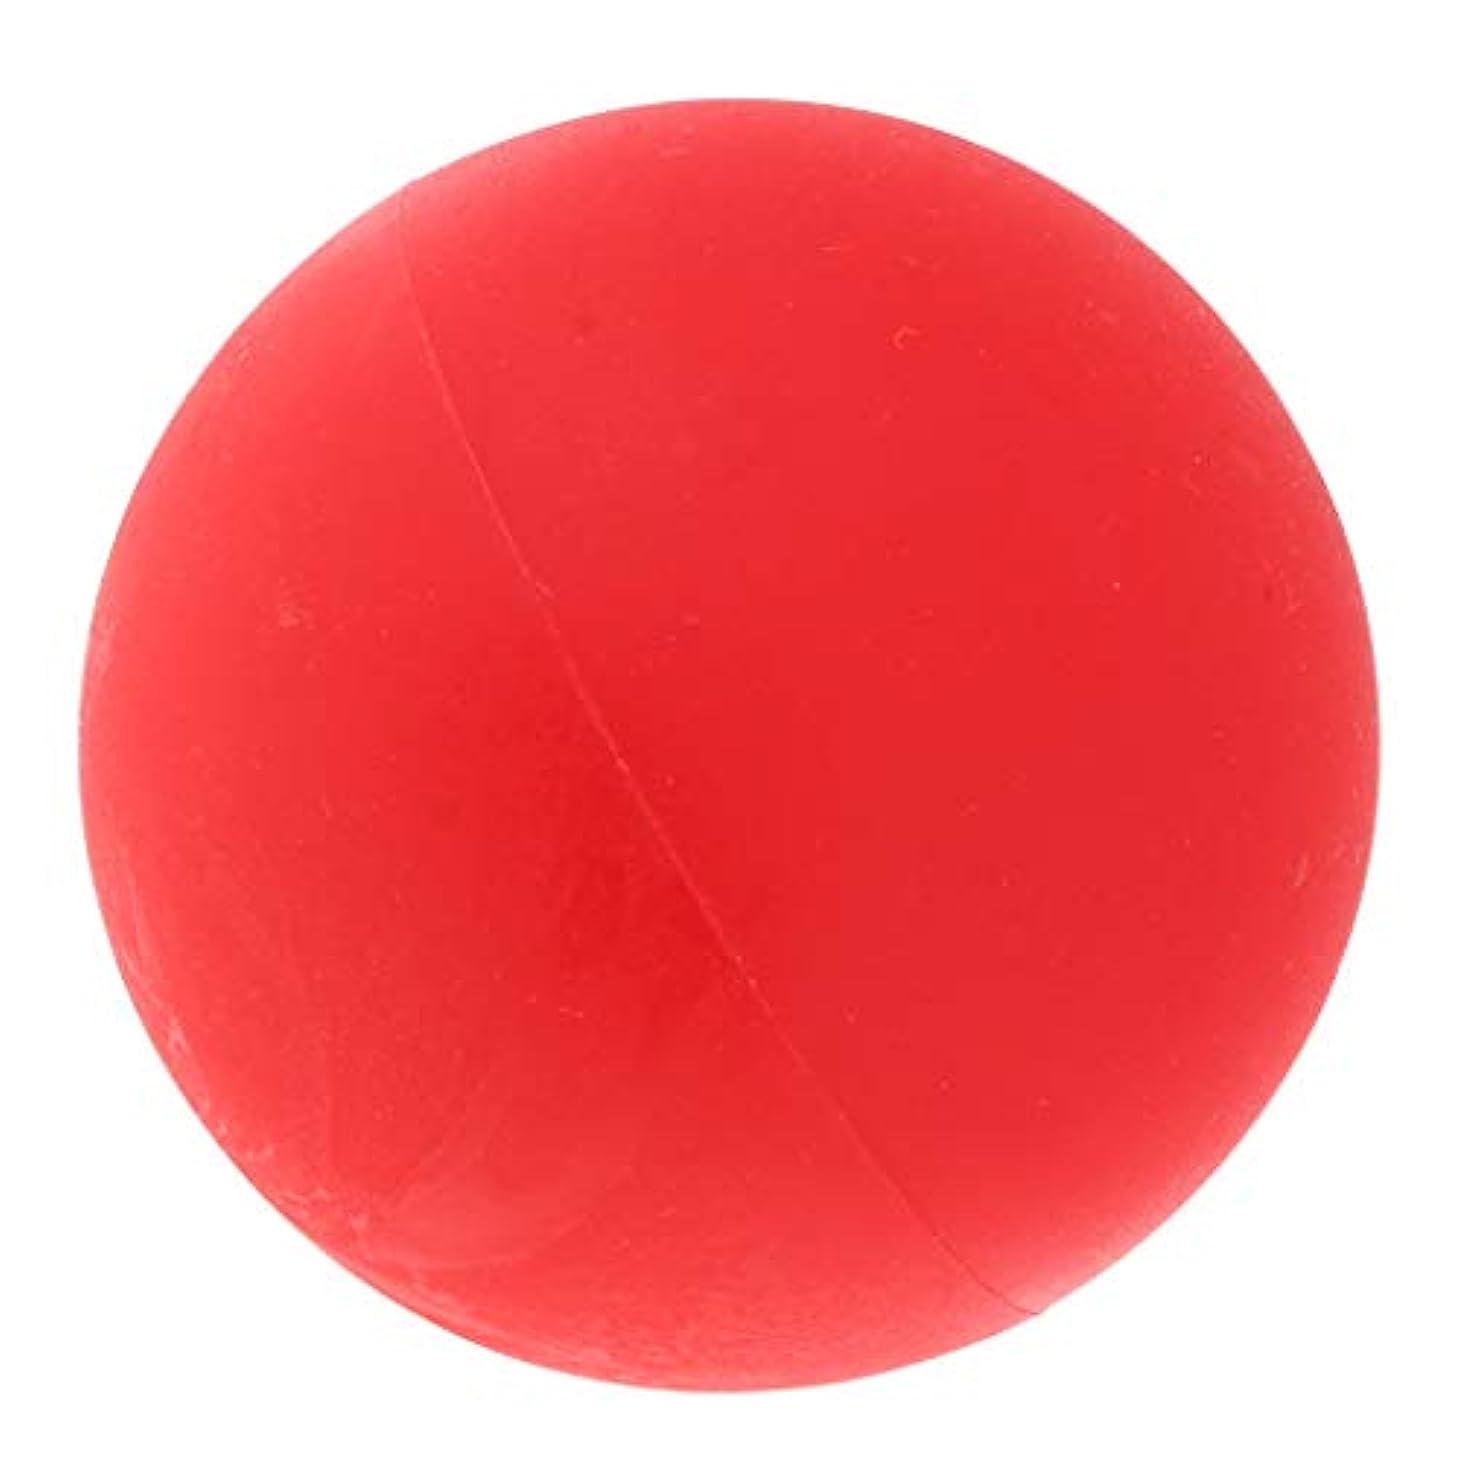 シートピアノ醸造所マッサージボール ヨガボール トリガーポイント 筋膜リリース 緊張緩和 健康グッズ 全4色 - 赤